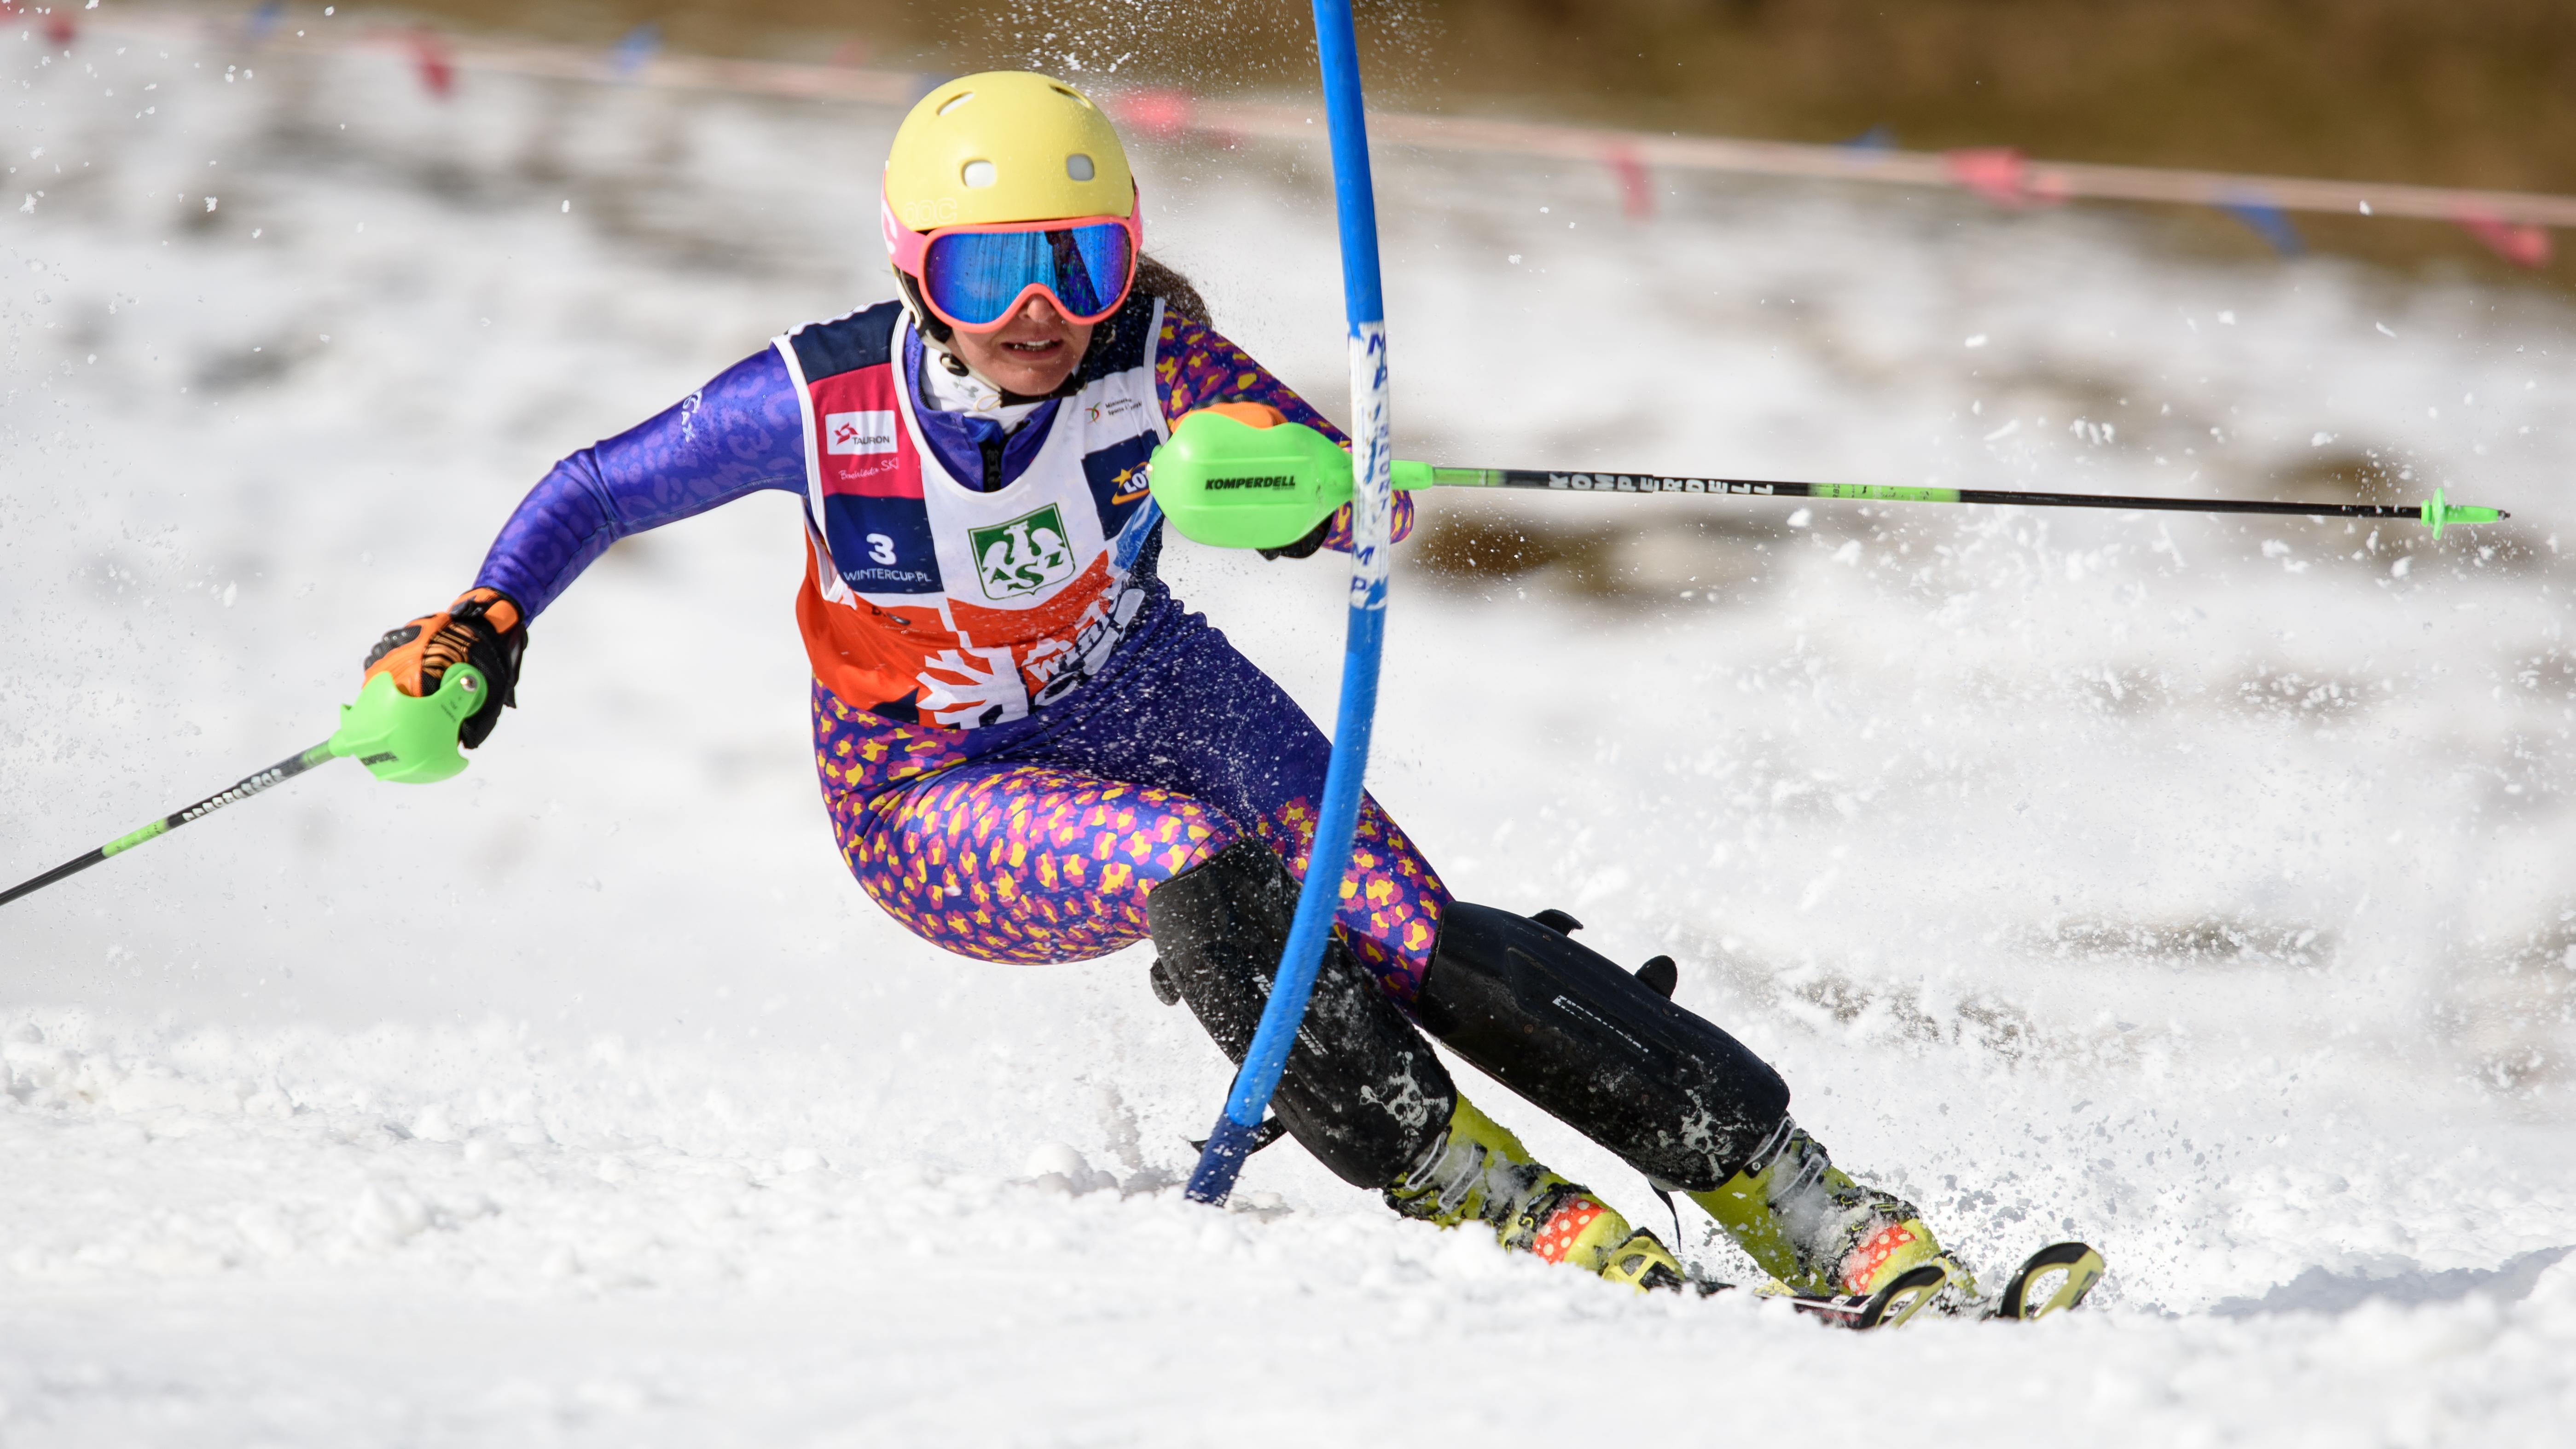 Anna Berezik była zdecydowanie najlepszą zawodniczką AZS Winter Cup. Wewtorek odbierze nagrody zazwycięstwa wklasyfikacji gigantowej islalomowej.